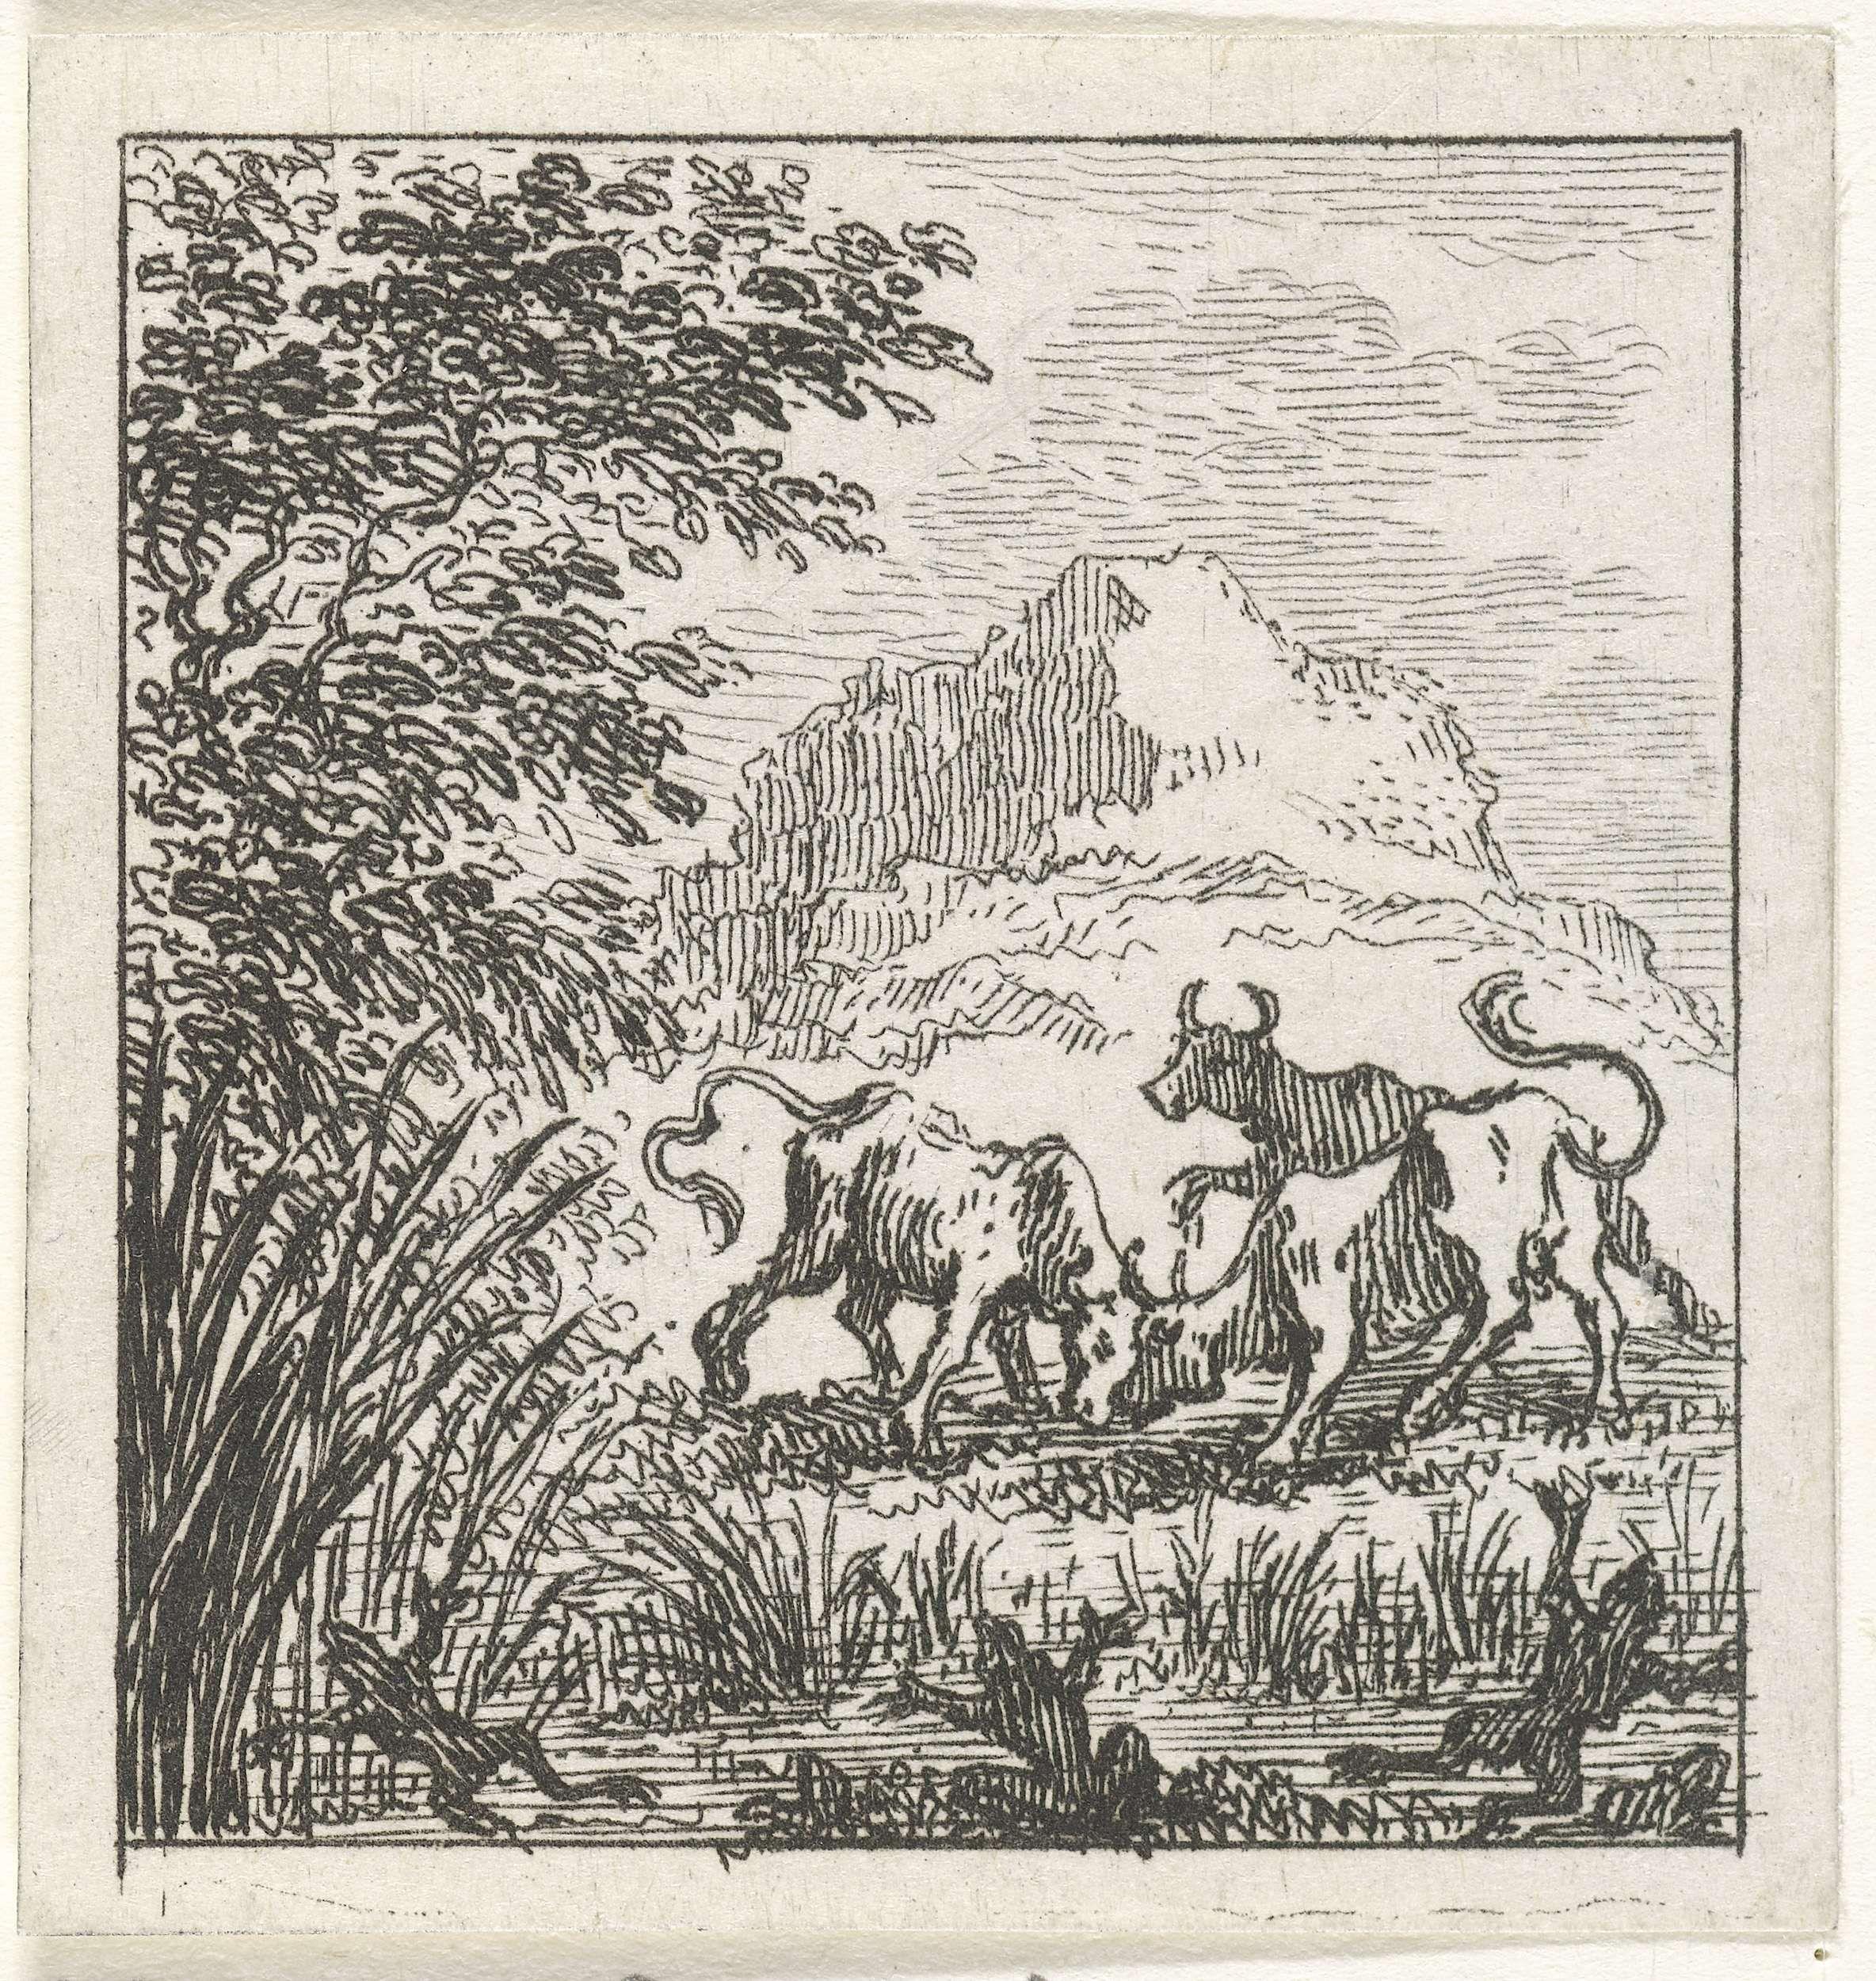 Simon Fokke   Fabel van de stieren in gevecht, Simon Fokke, 1769   Drie stieren zijn in een weide in gevecht. Deze illustratie is vervaardigd bij de Aesopische fabels van de Latijnse dichter Phaedrus.